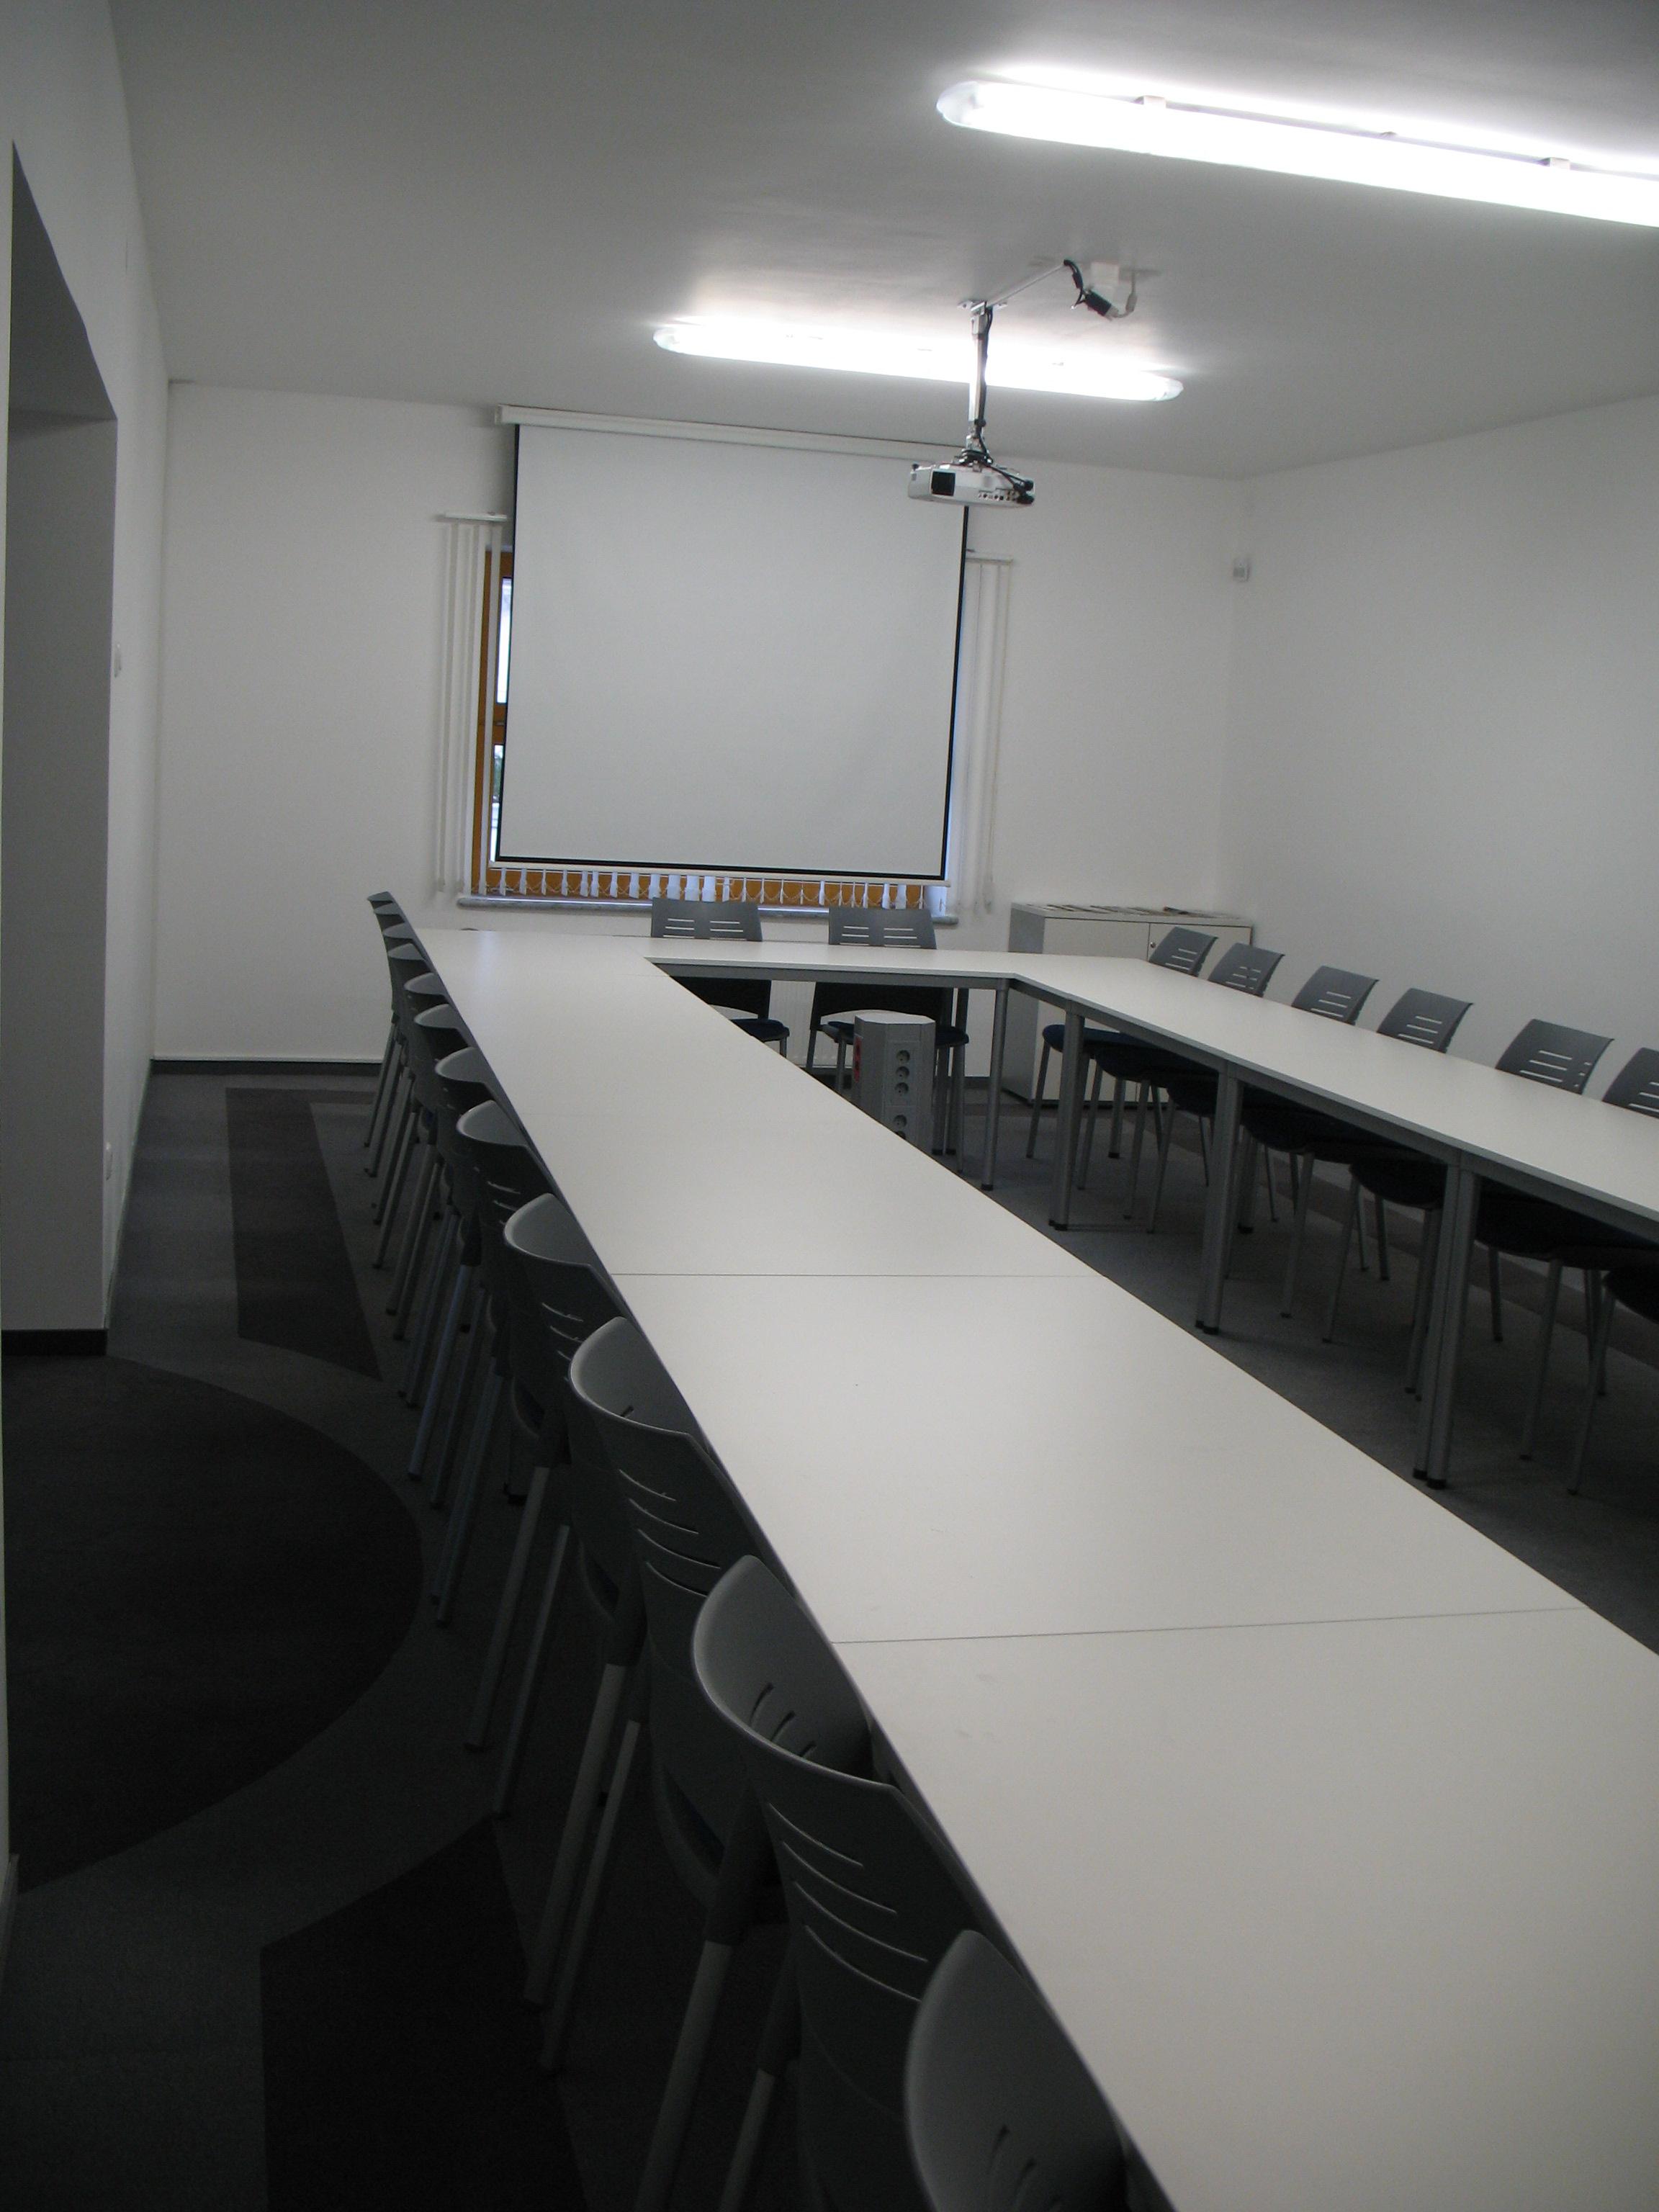 razred1